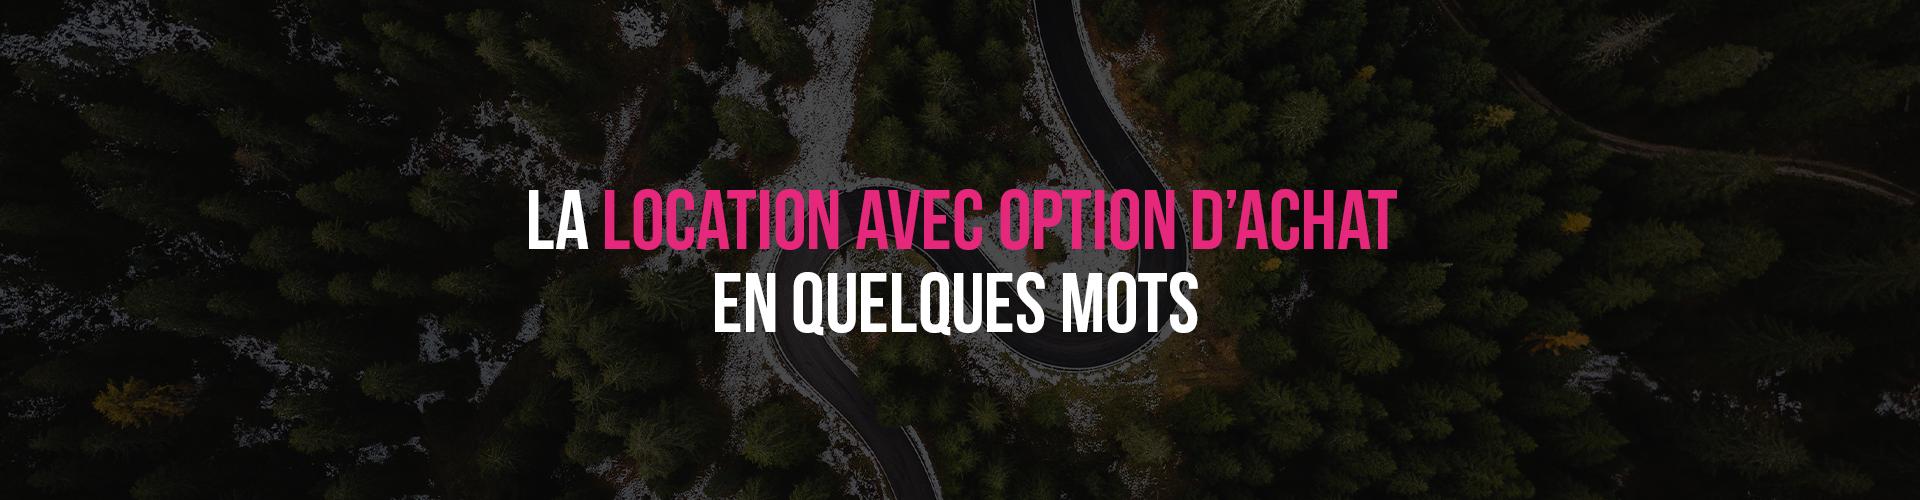 Bannière location avec Option d'achat route montagneuse